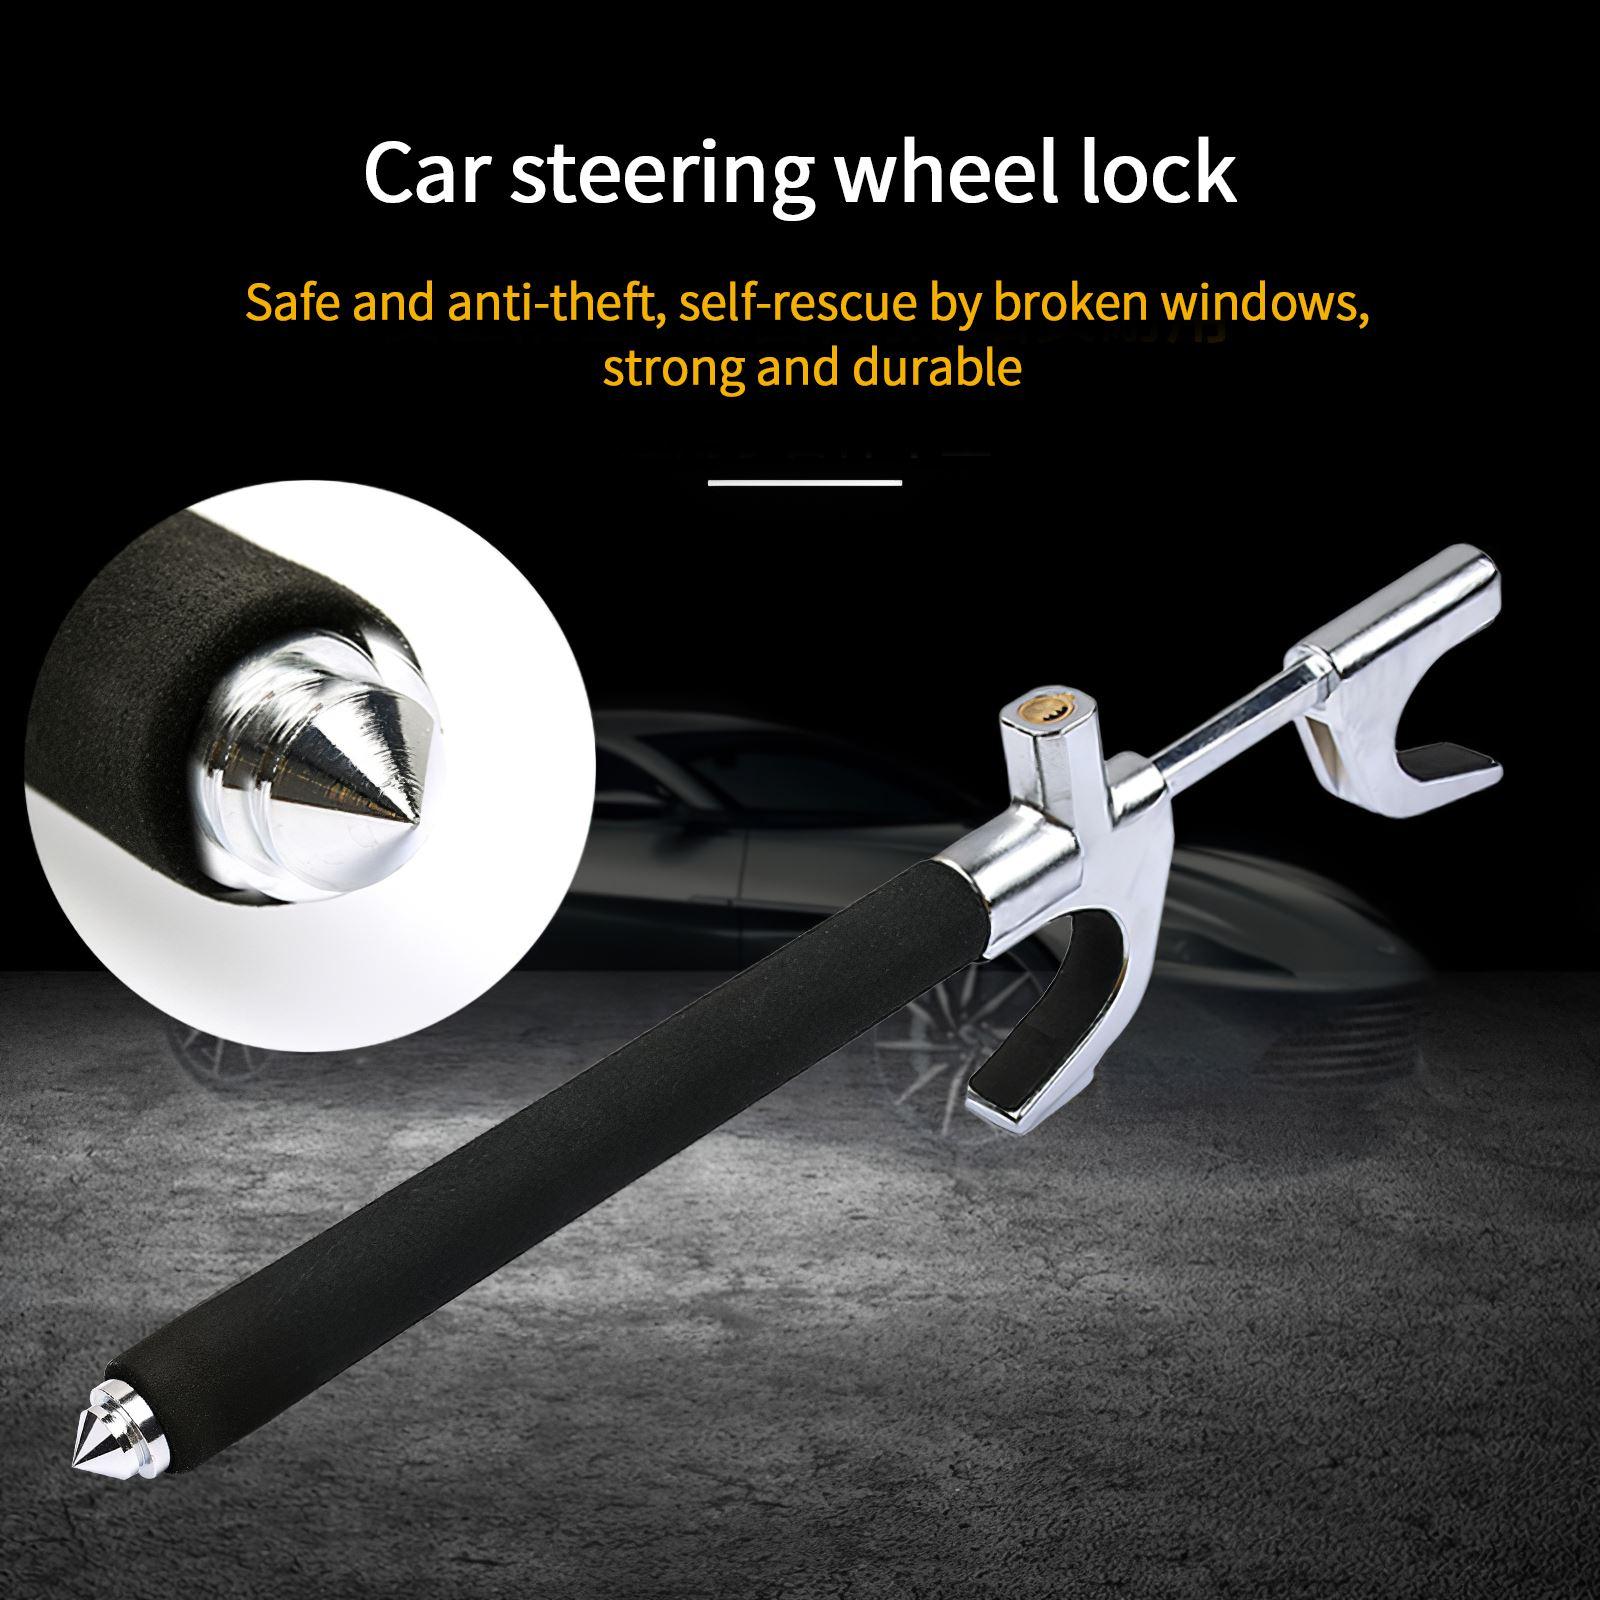 2021 New Universal Car Steering Wheel Lock With Window Breaker Heavy Duty Anti-Theft Car/Van Security Rotary Steering Wheel Lock